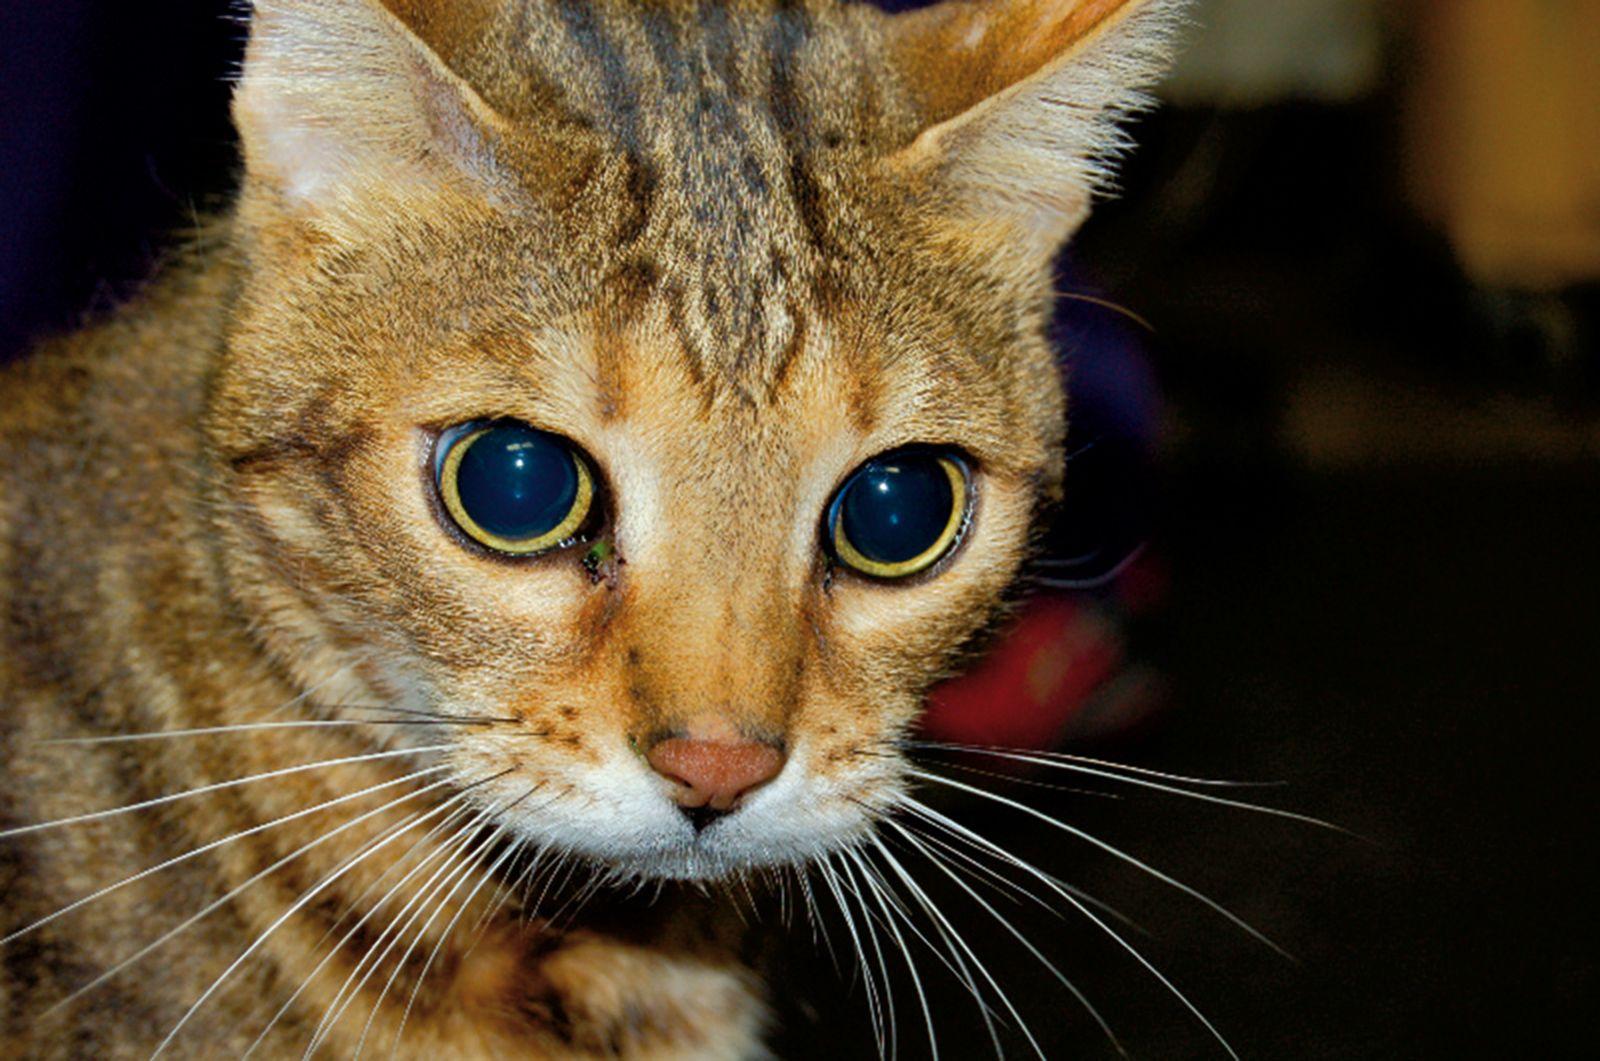 Beidseitige Mydriasis bei einer Katze. Dieser Befund ist ein möglicher Hinweis auf eine hochgradige Hirnschädigung nach Schädeltrauma. In diesem Fall handelte es sich jedoch um die Folge einer beidseitigen Netzhautschädigung infolge eines Traumas, das vermutet wurde, da die Katze ein normales Bewusstseinslevel hatte.